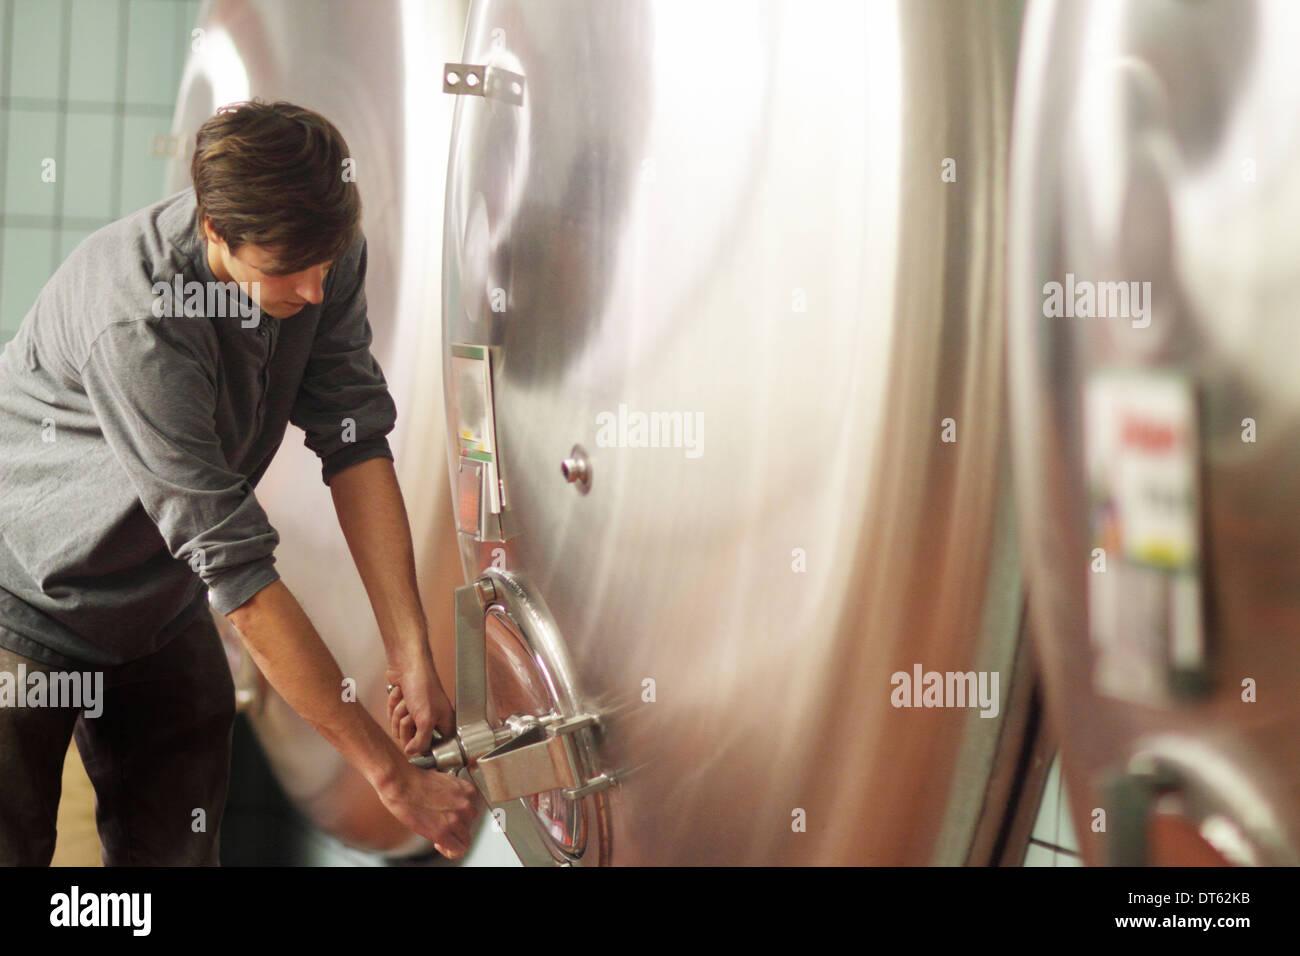 Man closing door on vat in brewery - Stock Image